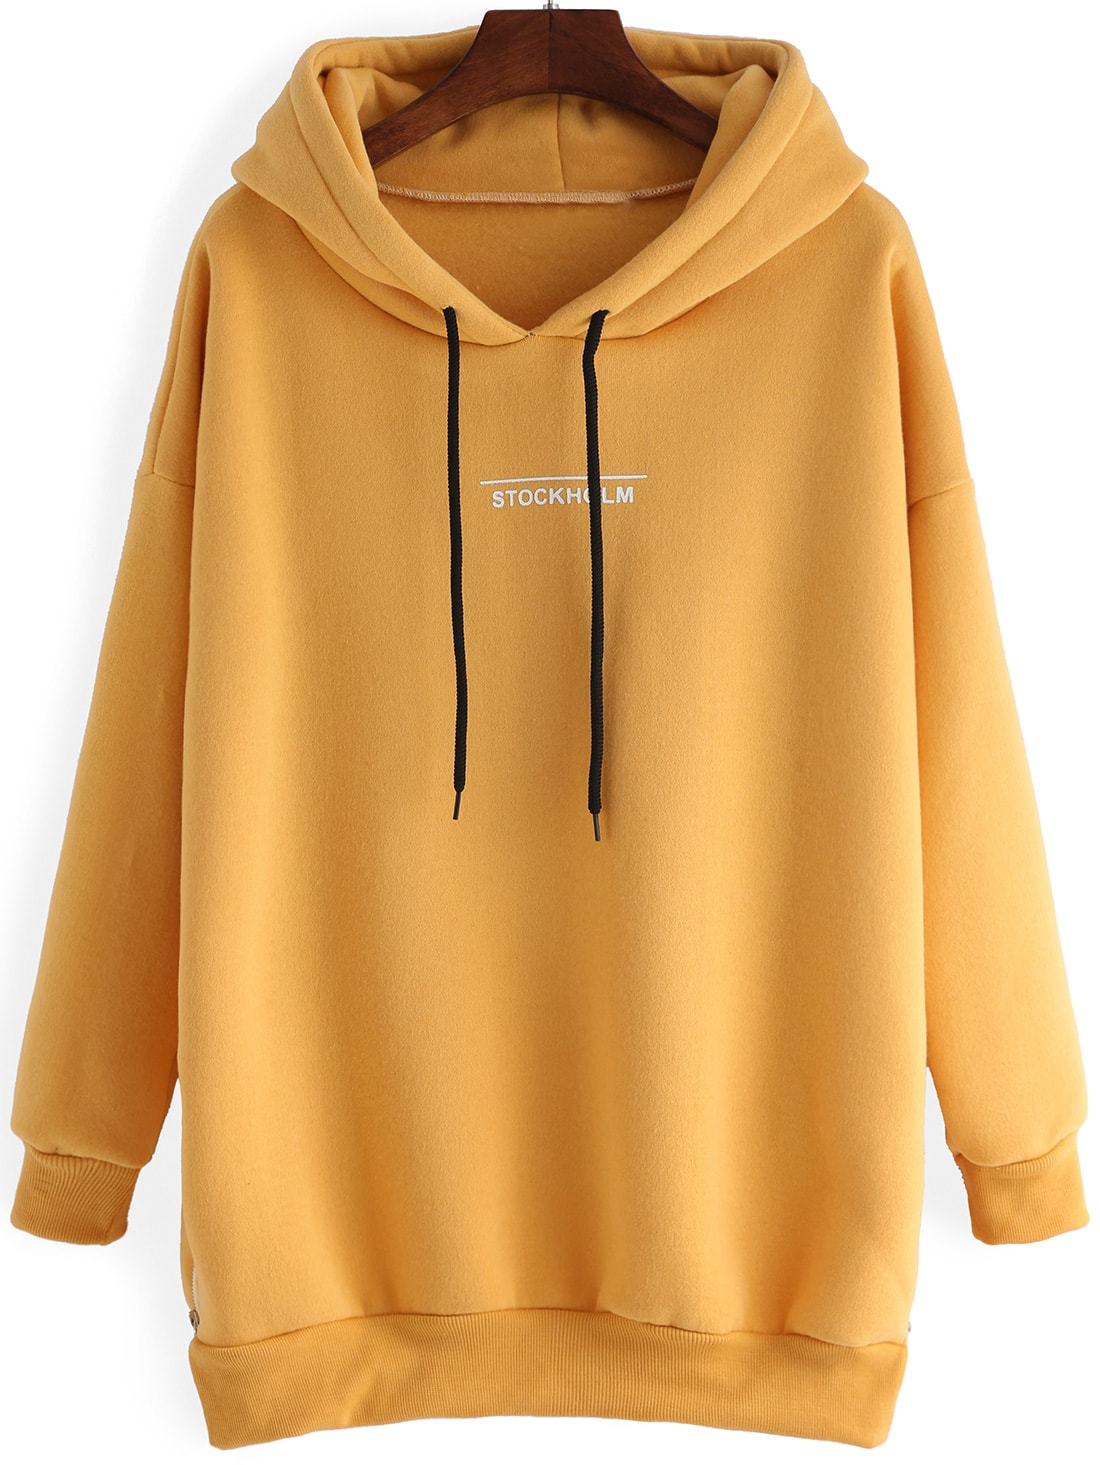 hooded letter print dip hem zipper slit yellow